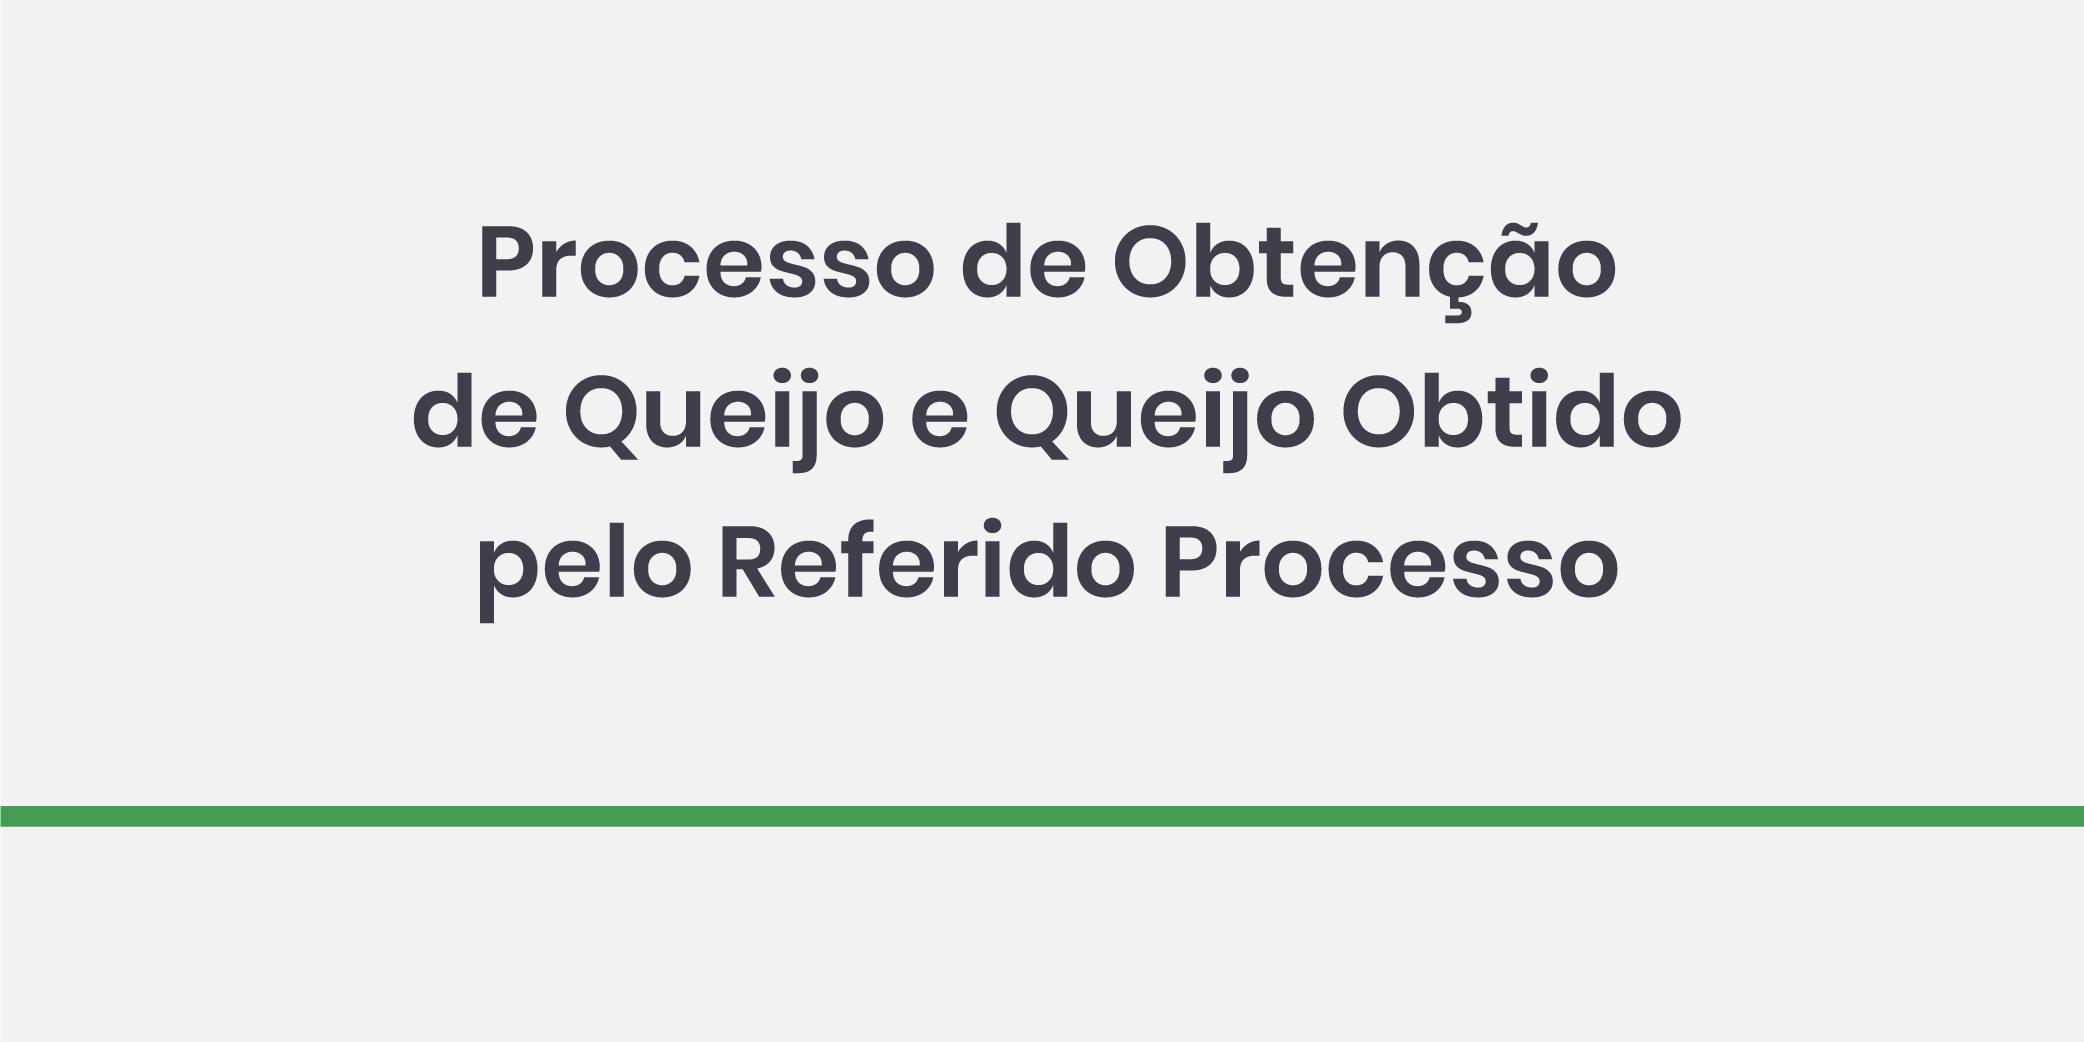 Processo de Obtenção de Queijo e Queijo Obtido pelo Referido Processo